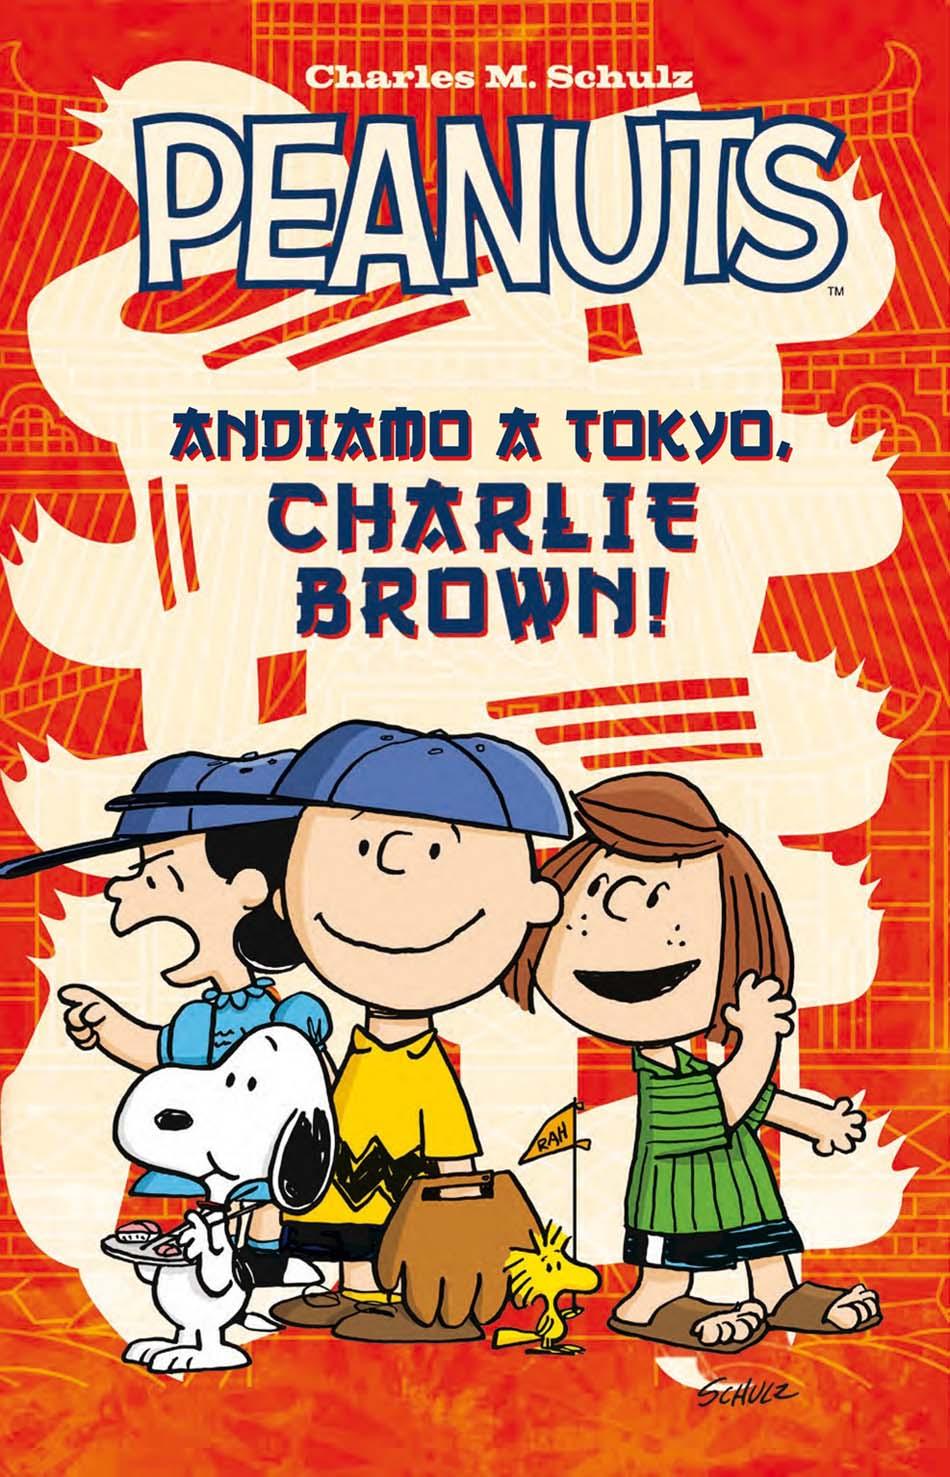 Andiamo a Tokyo, Charlie Brown!